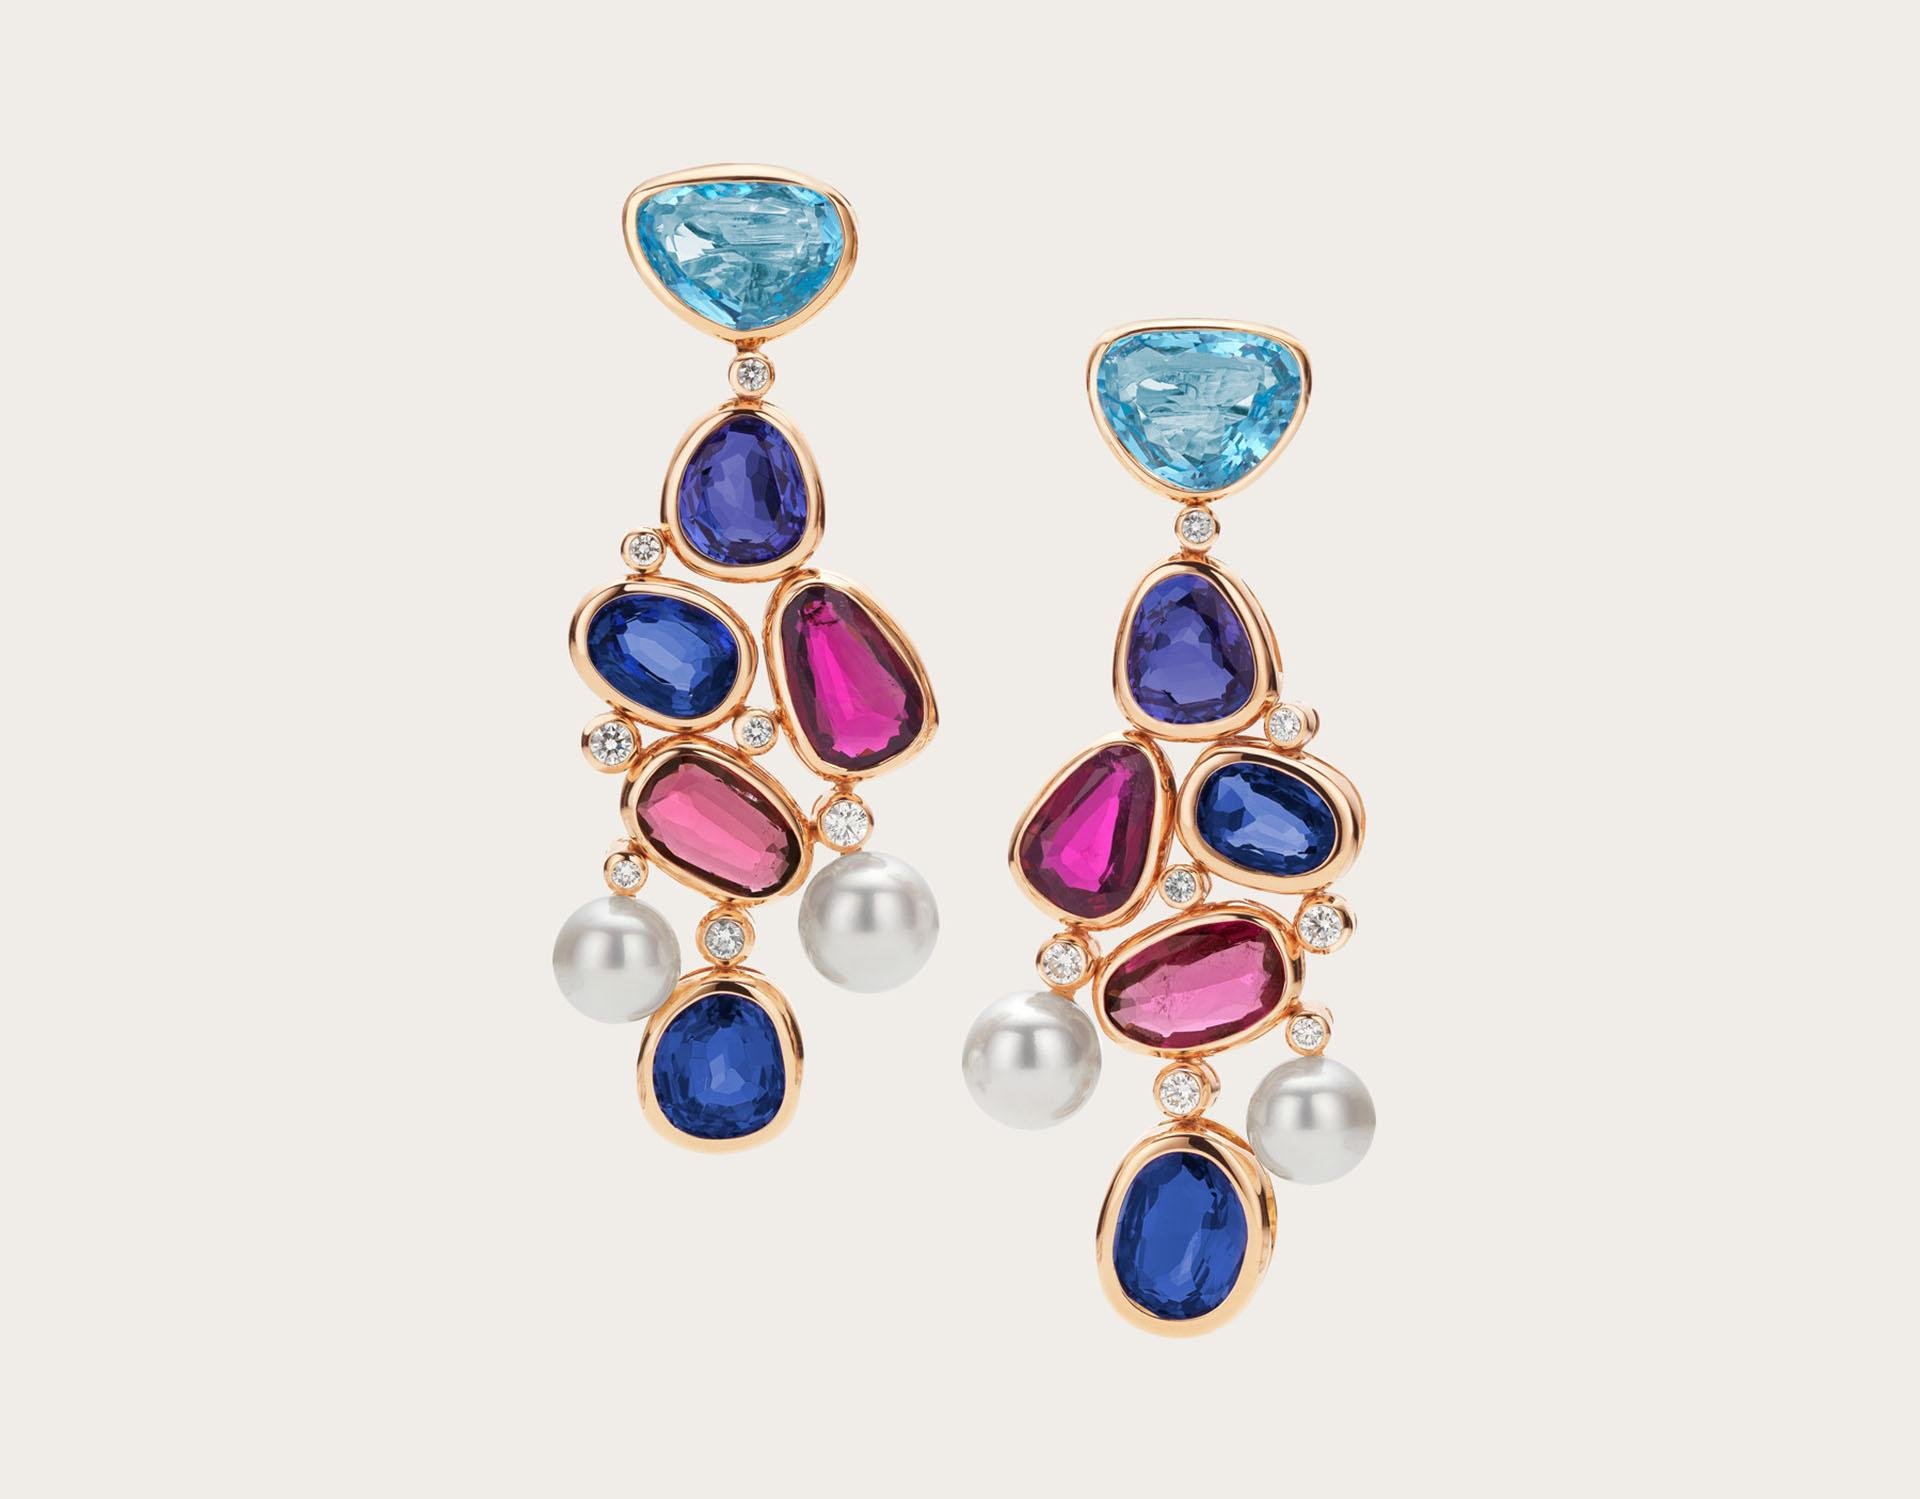 """Coloridos y juveniles: """"Colour Treasures"""", con gemas de colores, es una obra de arte de la colección de Bulgari. Unos aros colgantes de alta joyería con 4 rubleitas, 6 tanzanitas, 2 aguamarinas, 4 perlas blancas y diamantes redondos talla brillantes (Bulgari)"""